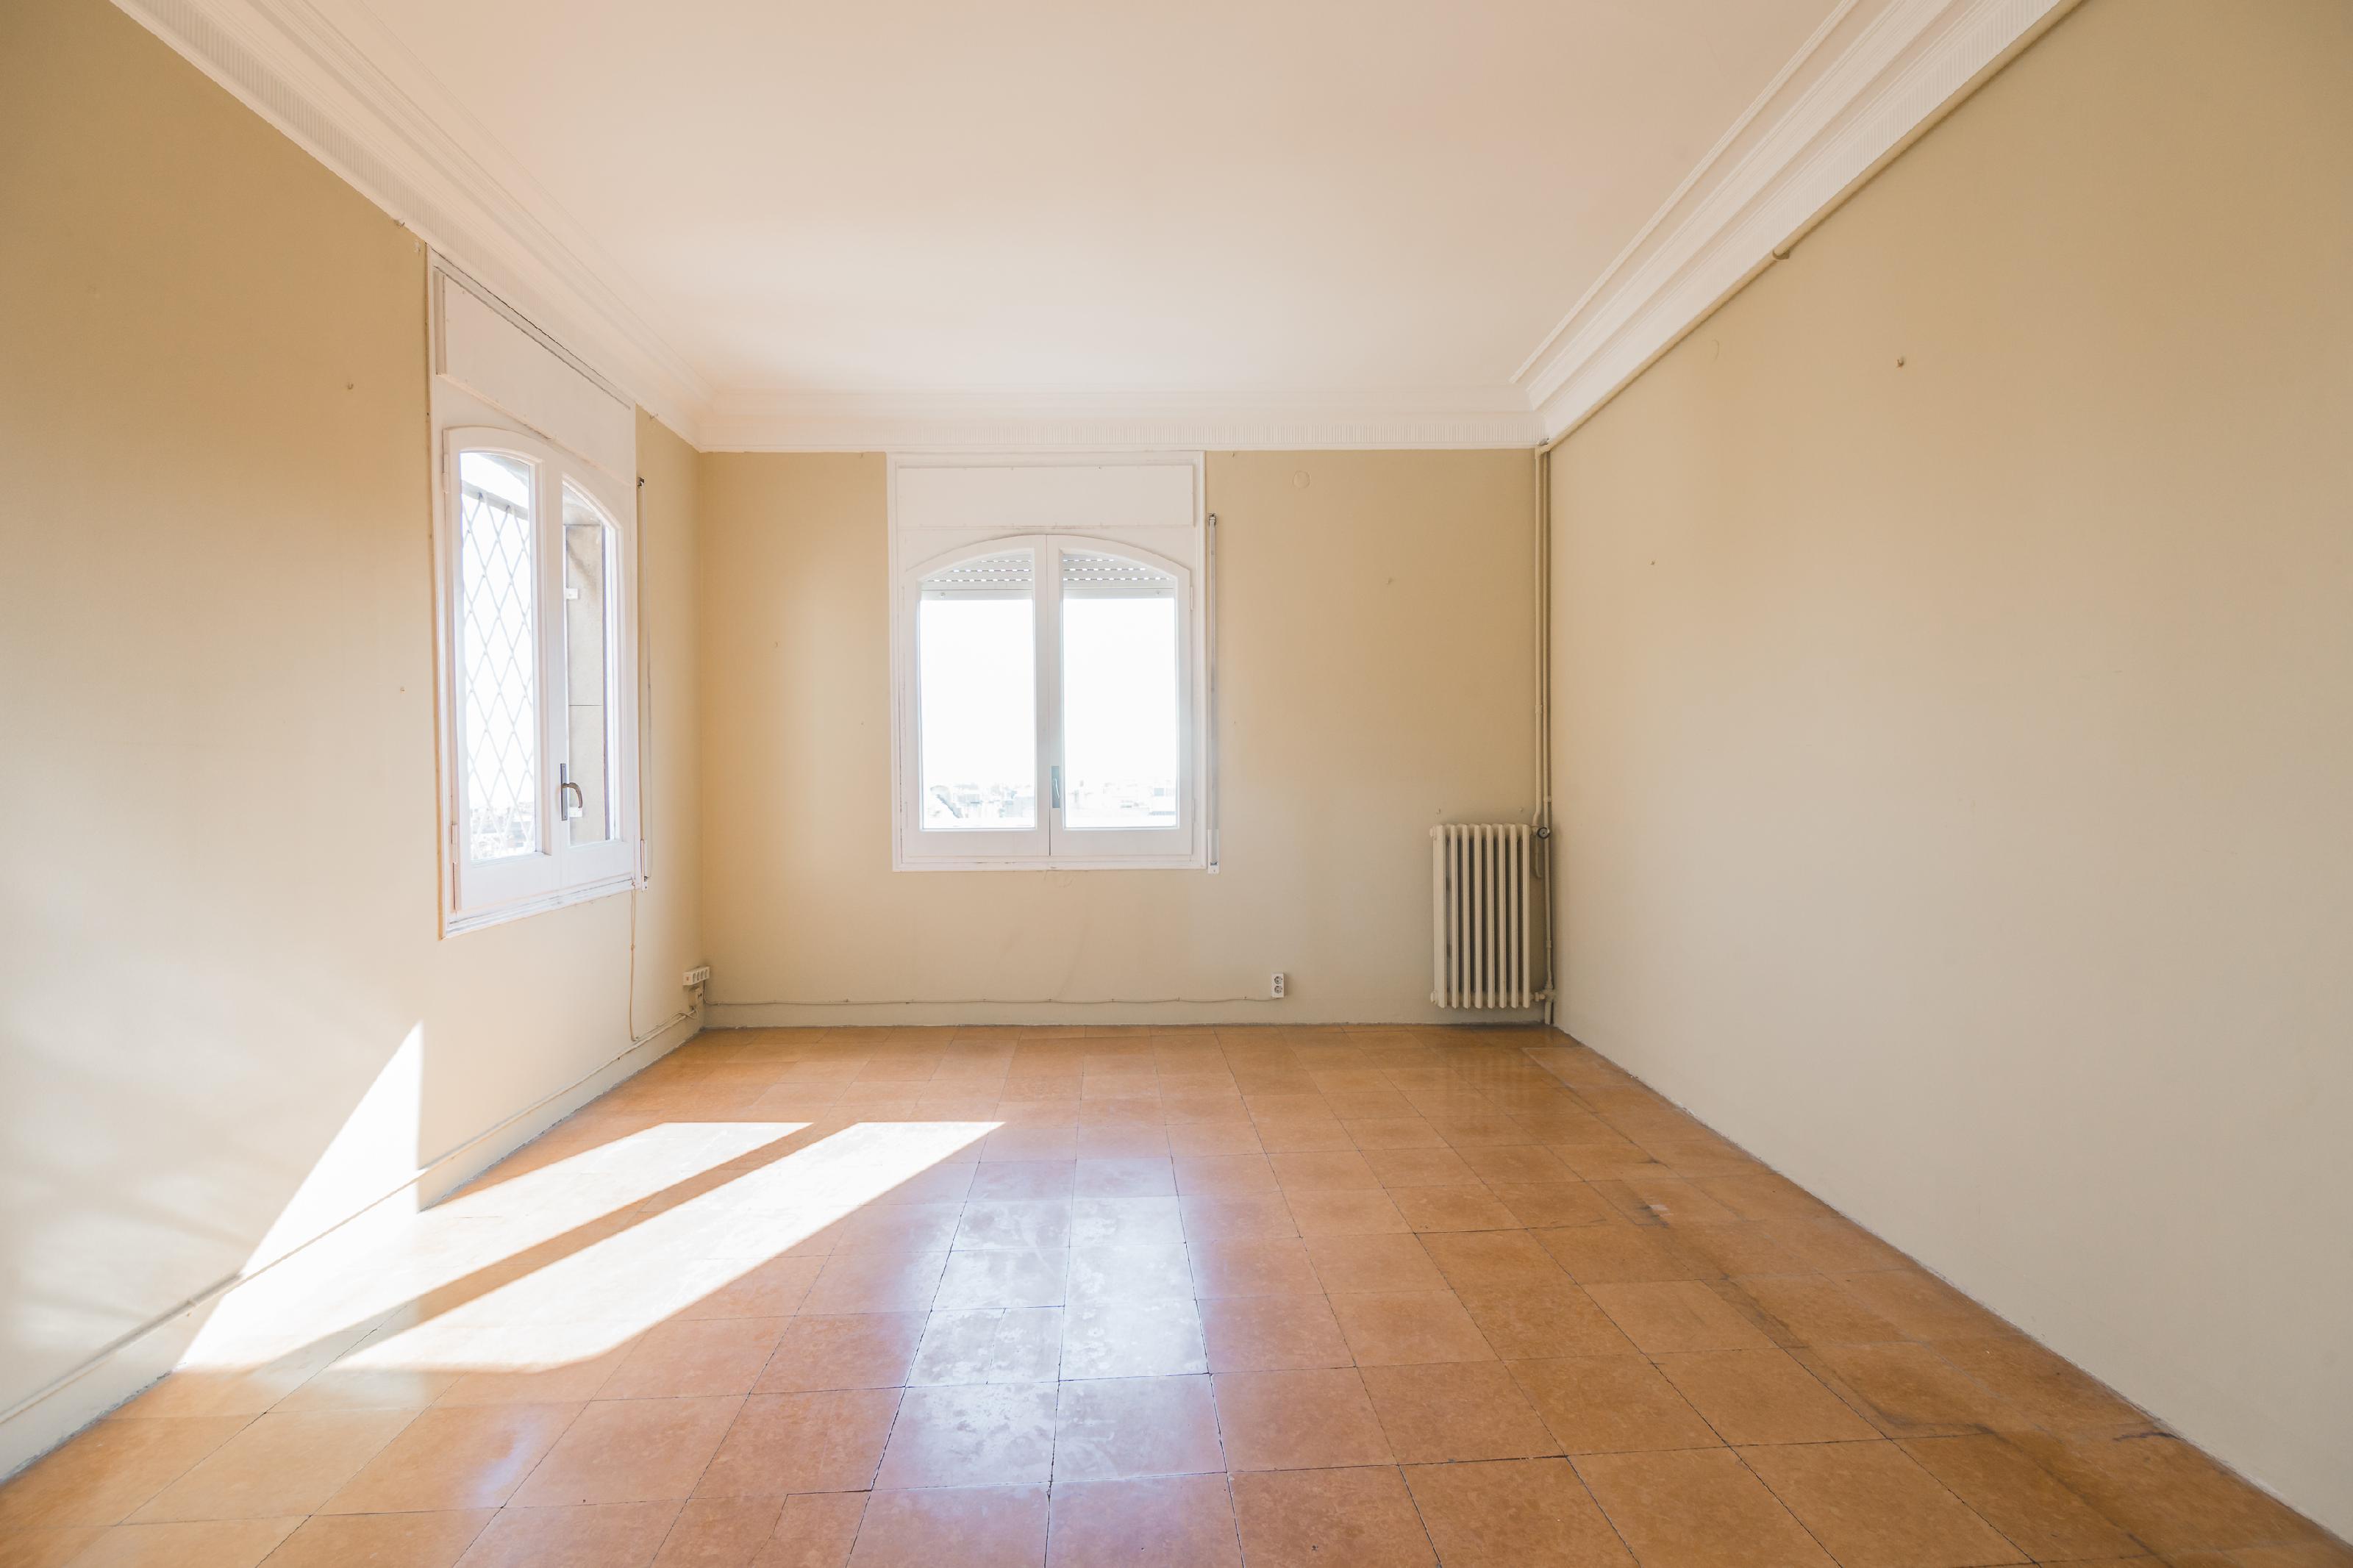 246643 Penthouse for sale in Sarrià-Sant Gervasi, St. Gervasi-Bonanova 16